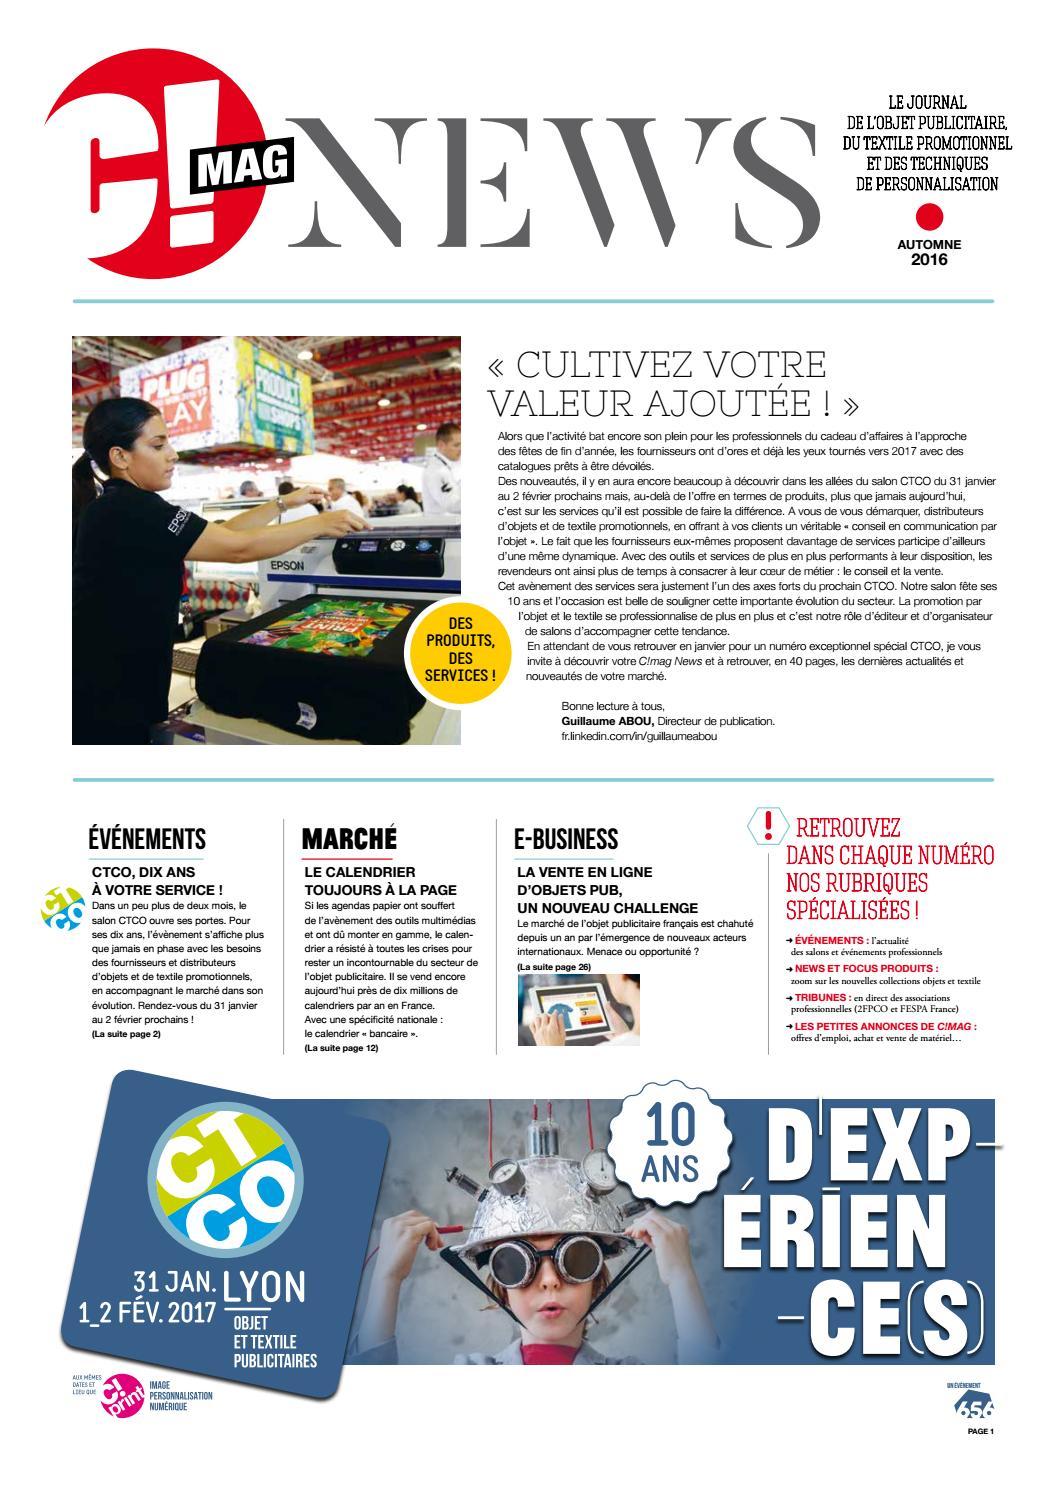 Vente chaude 2019 bon service sélectionner pour plus récent C!mag news automne 2016 by 656 Editions - issuu